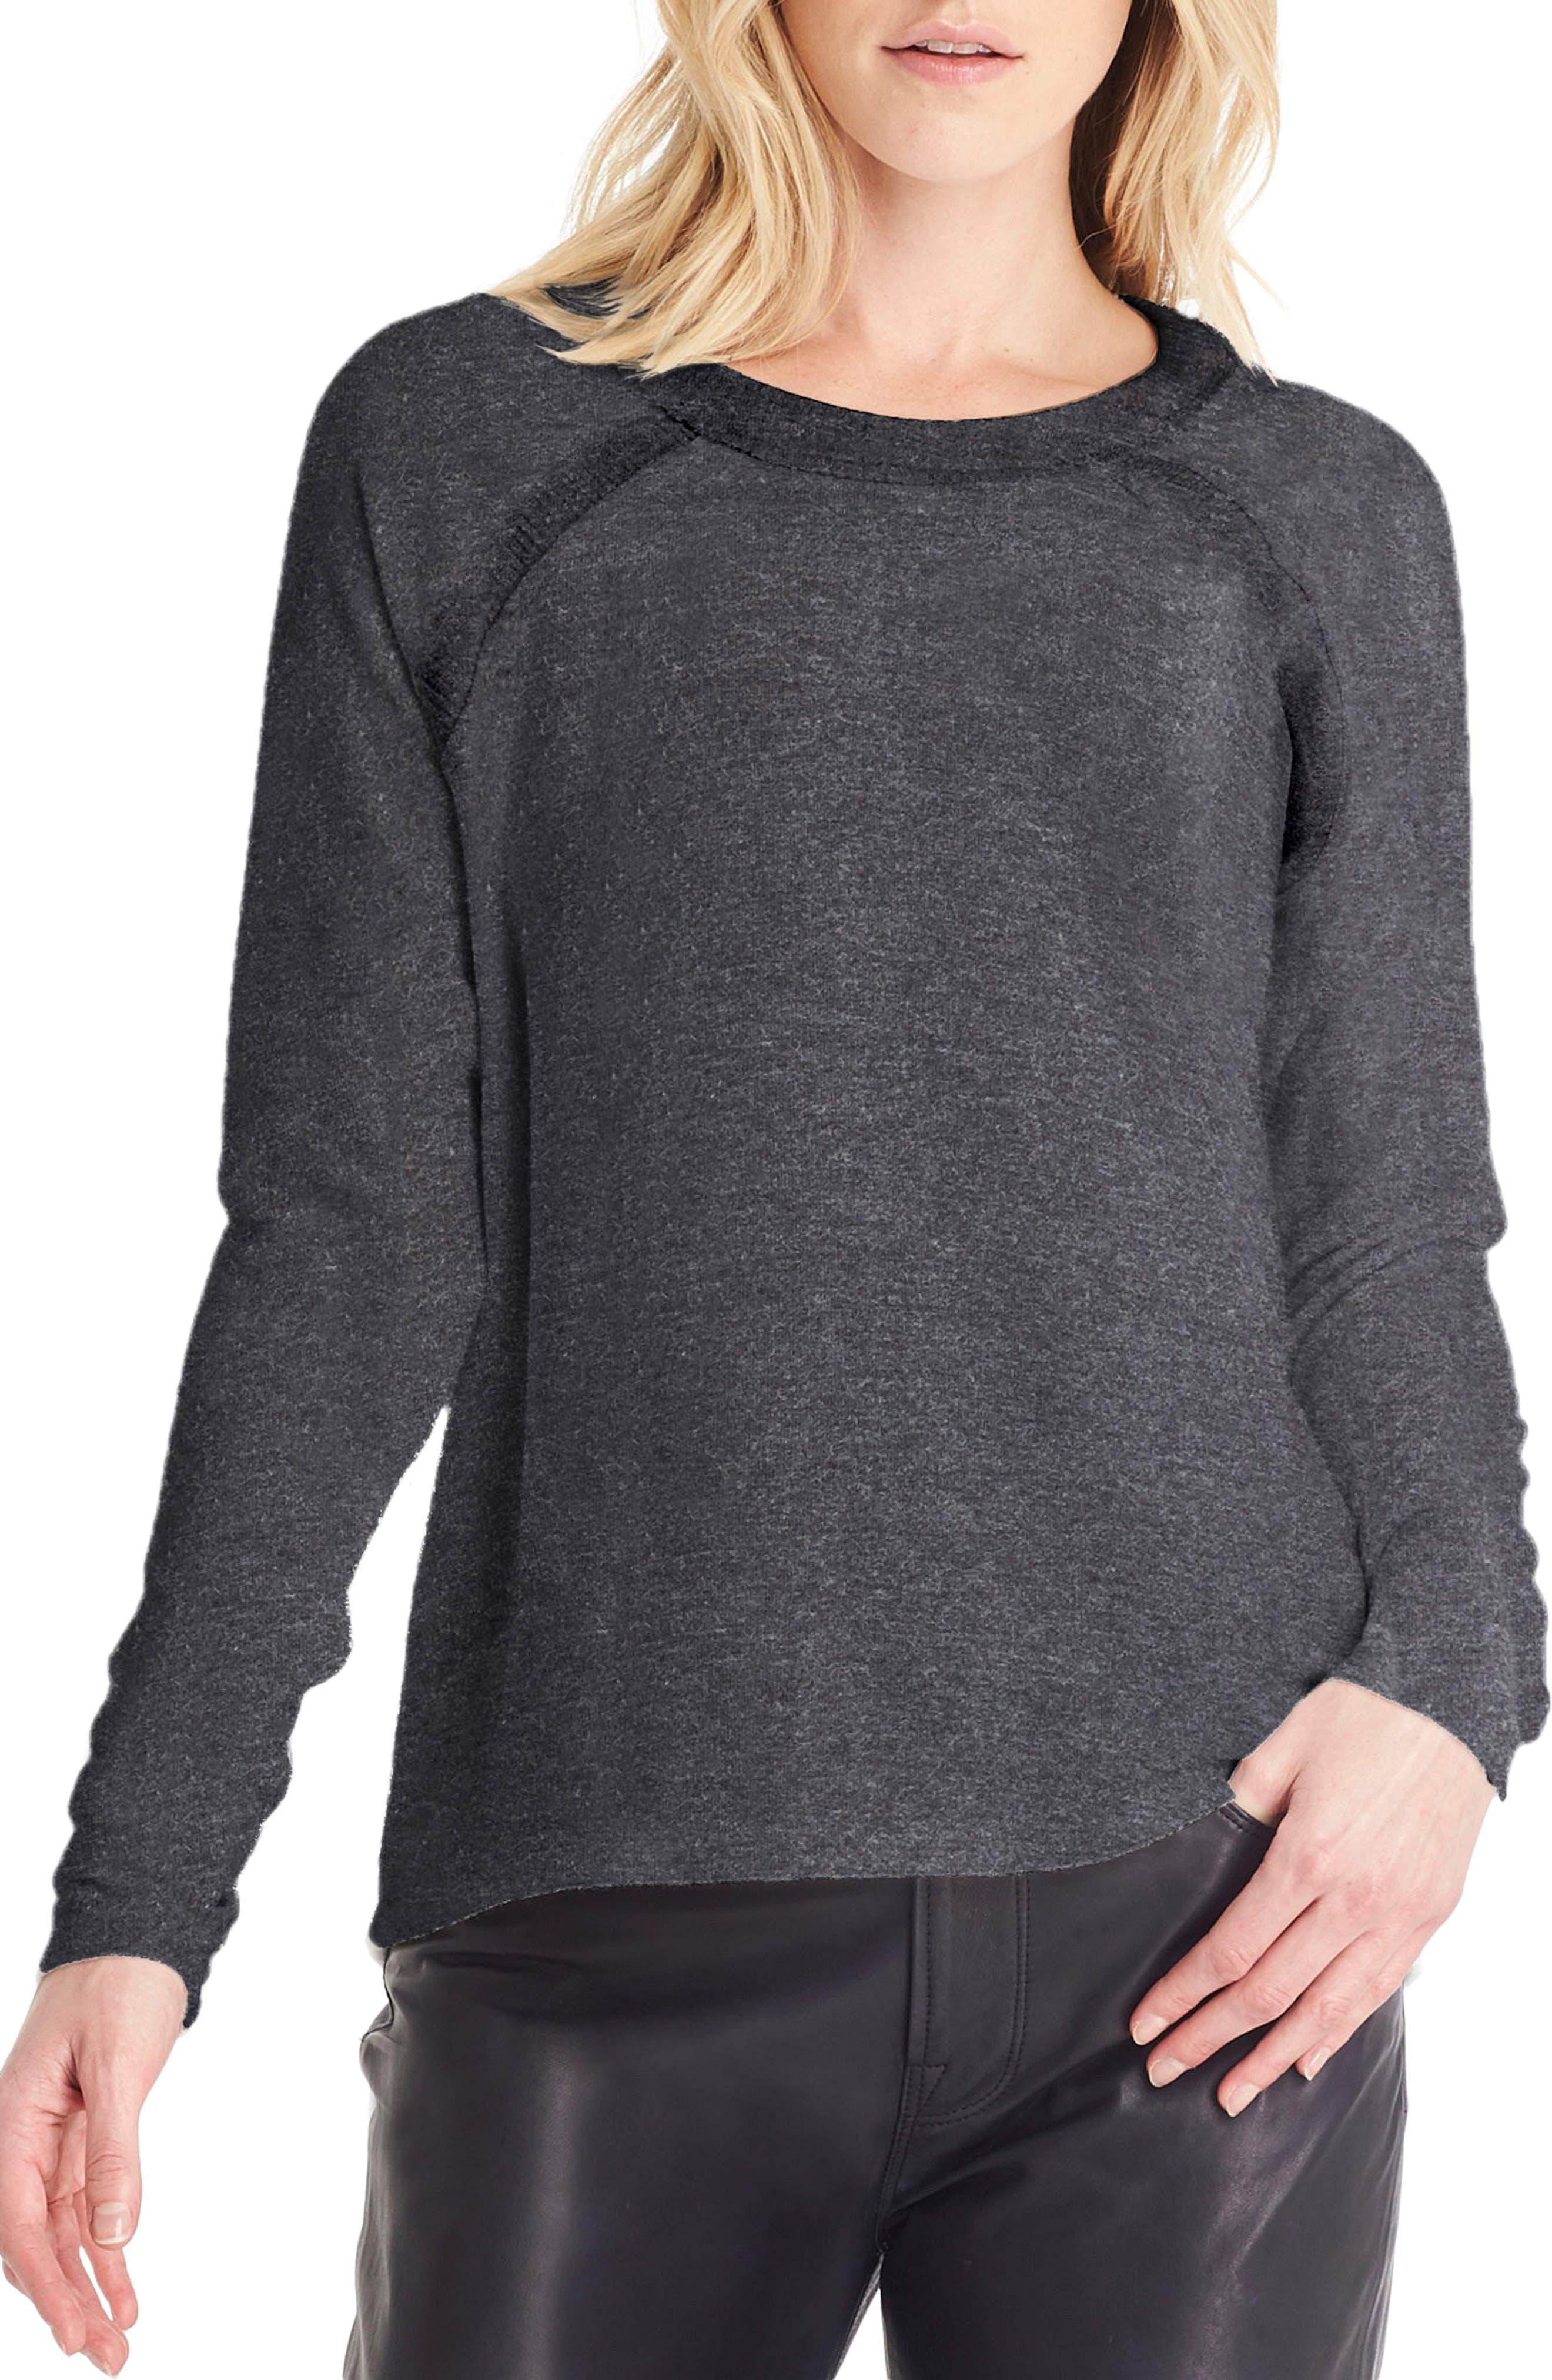 Thumbhole Sleeve Top,                         Main,                         color, Charcoal